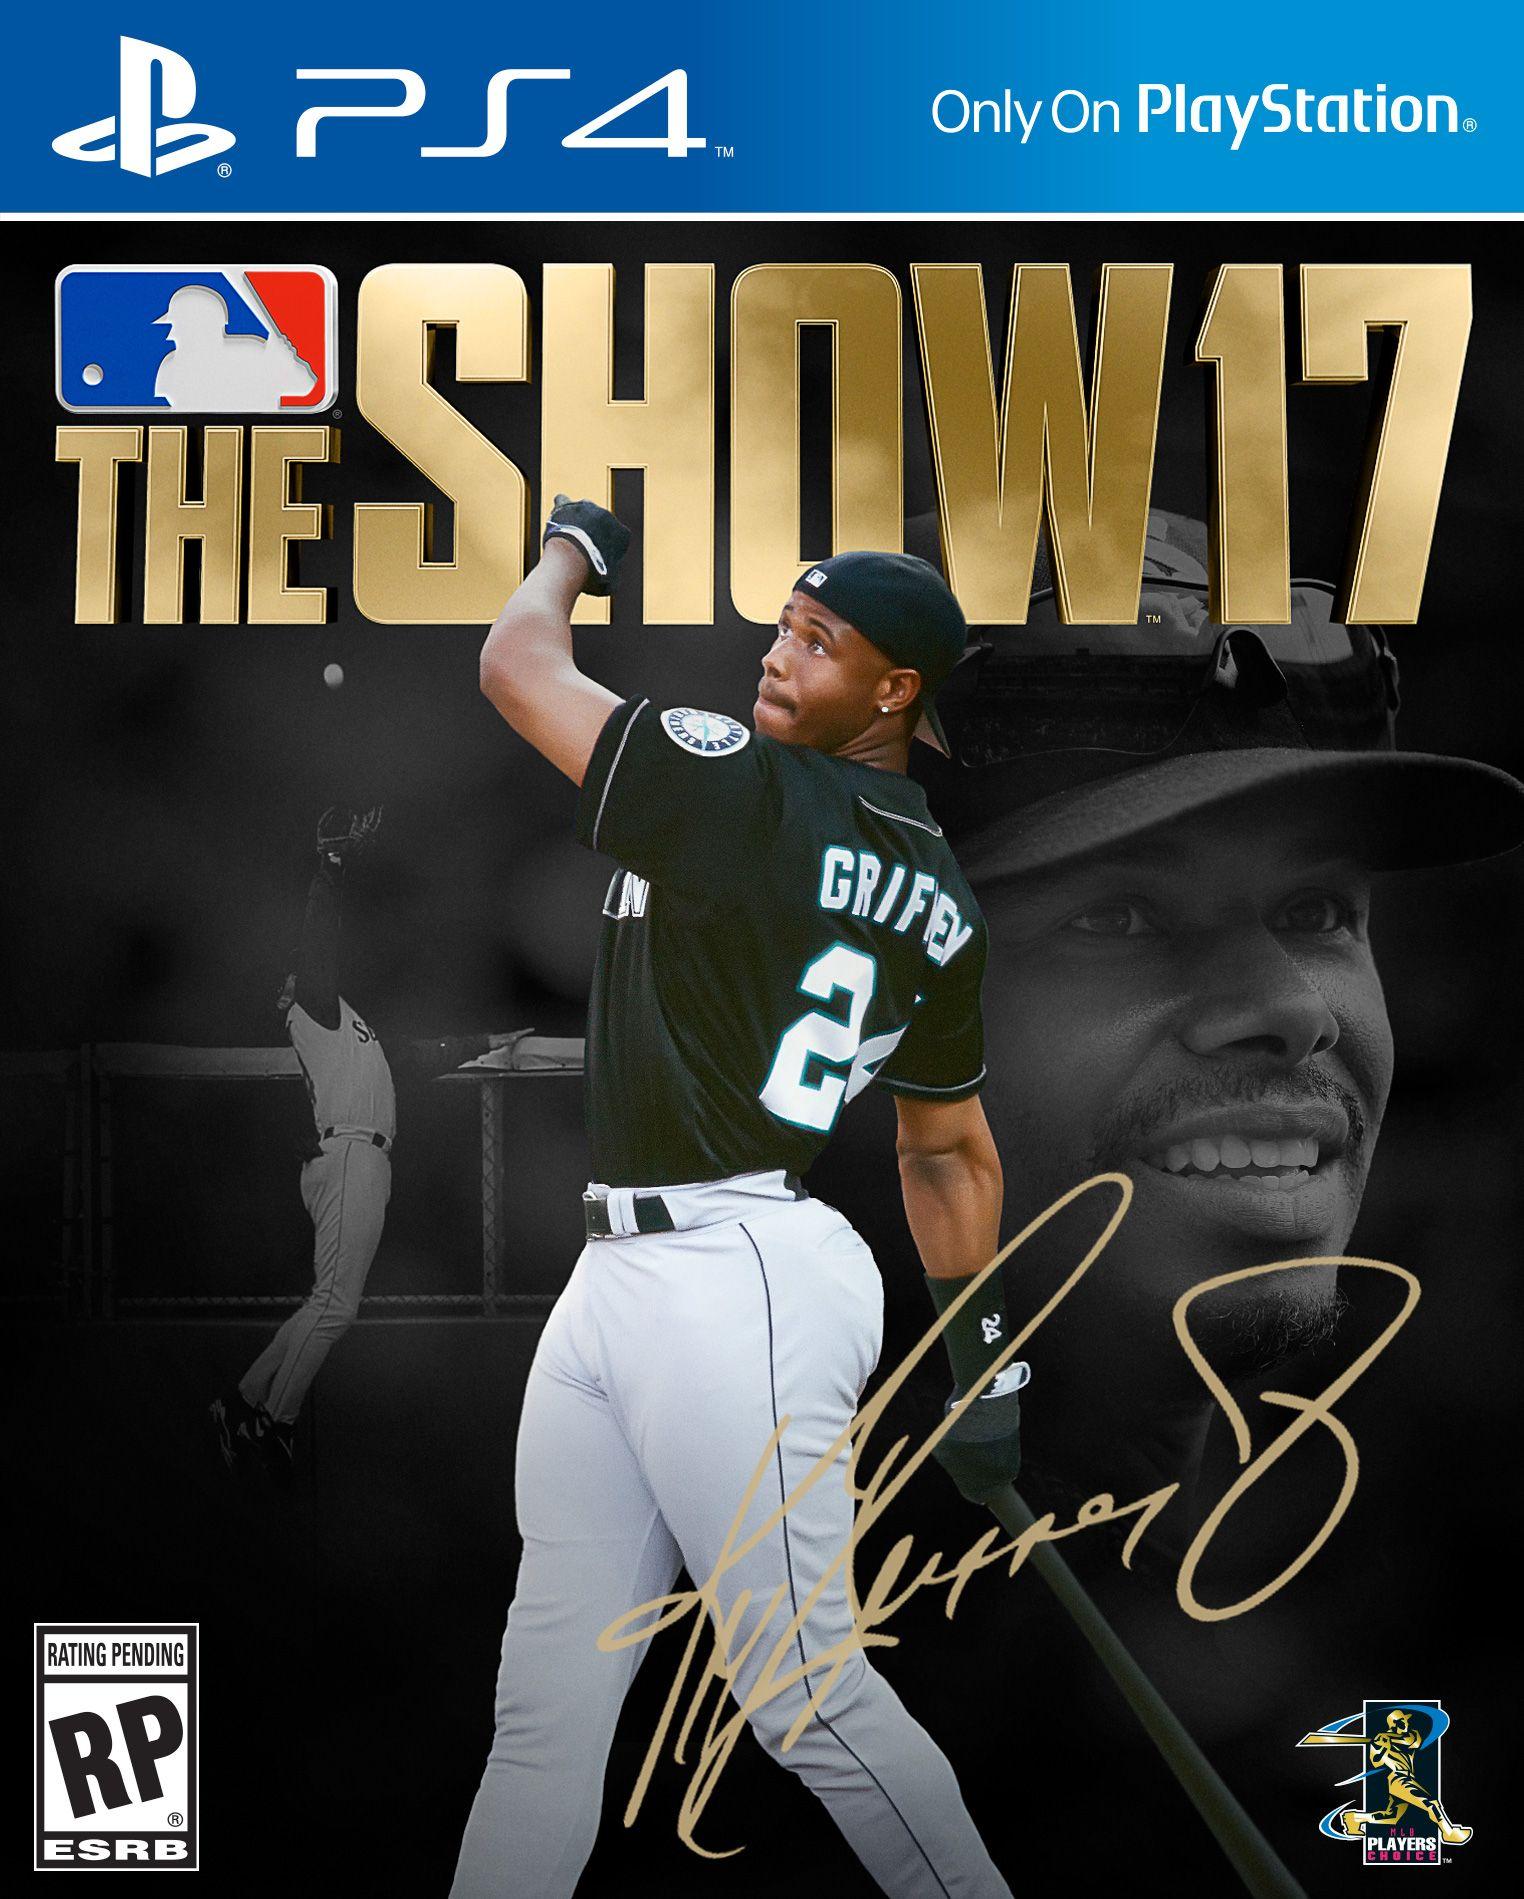 Mlb The Show Playstation Baseball Videos